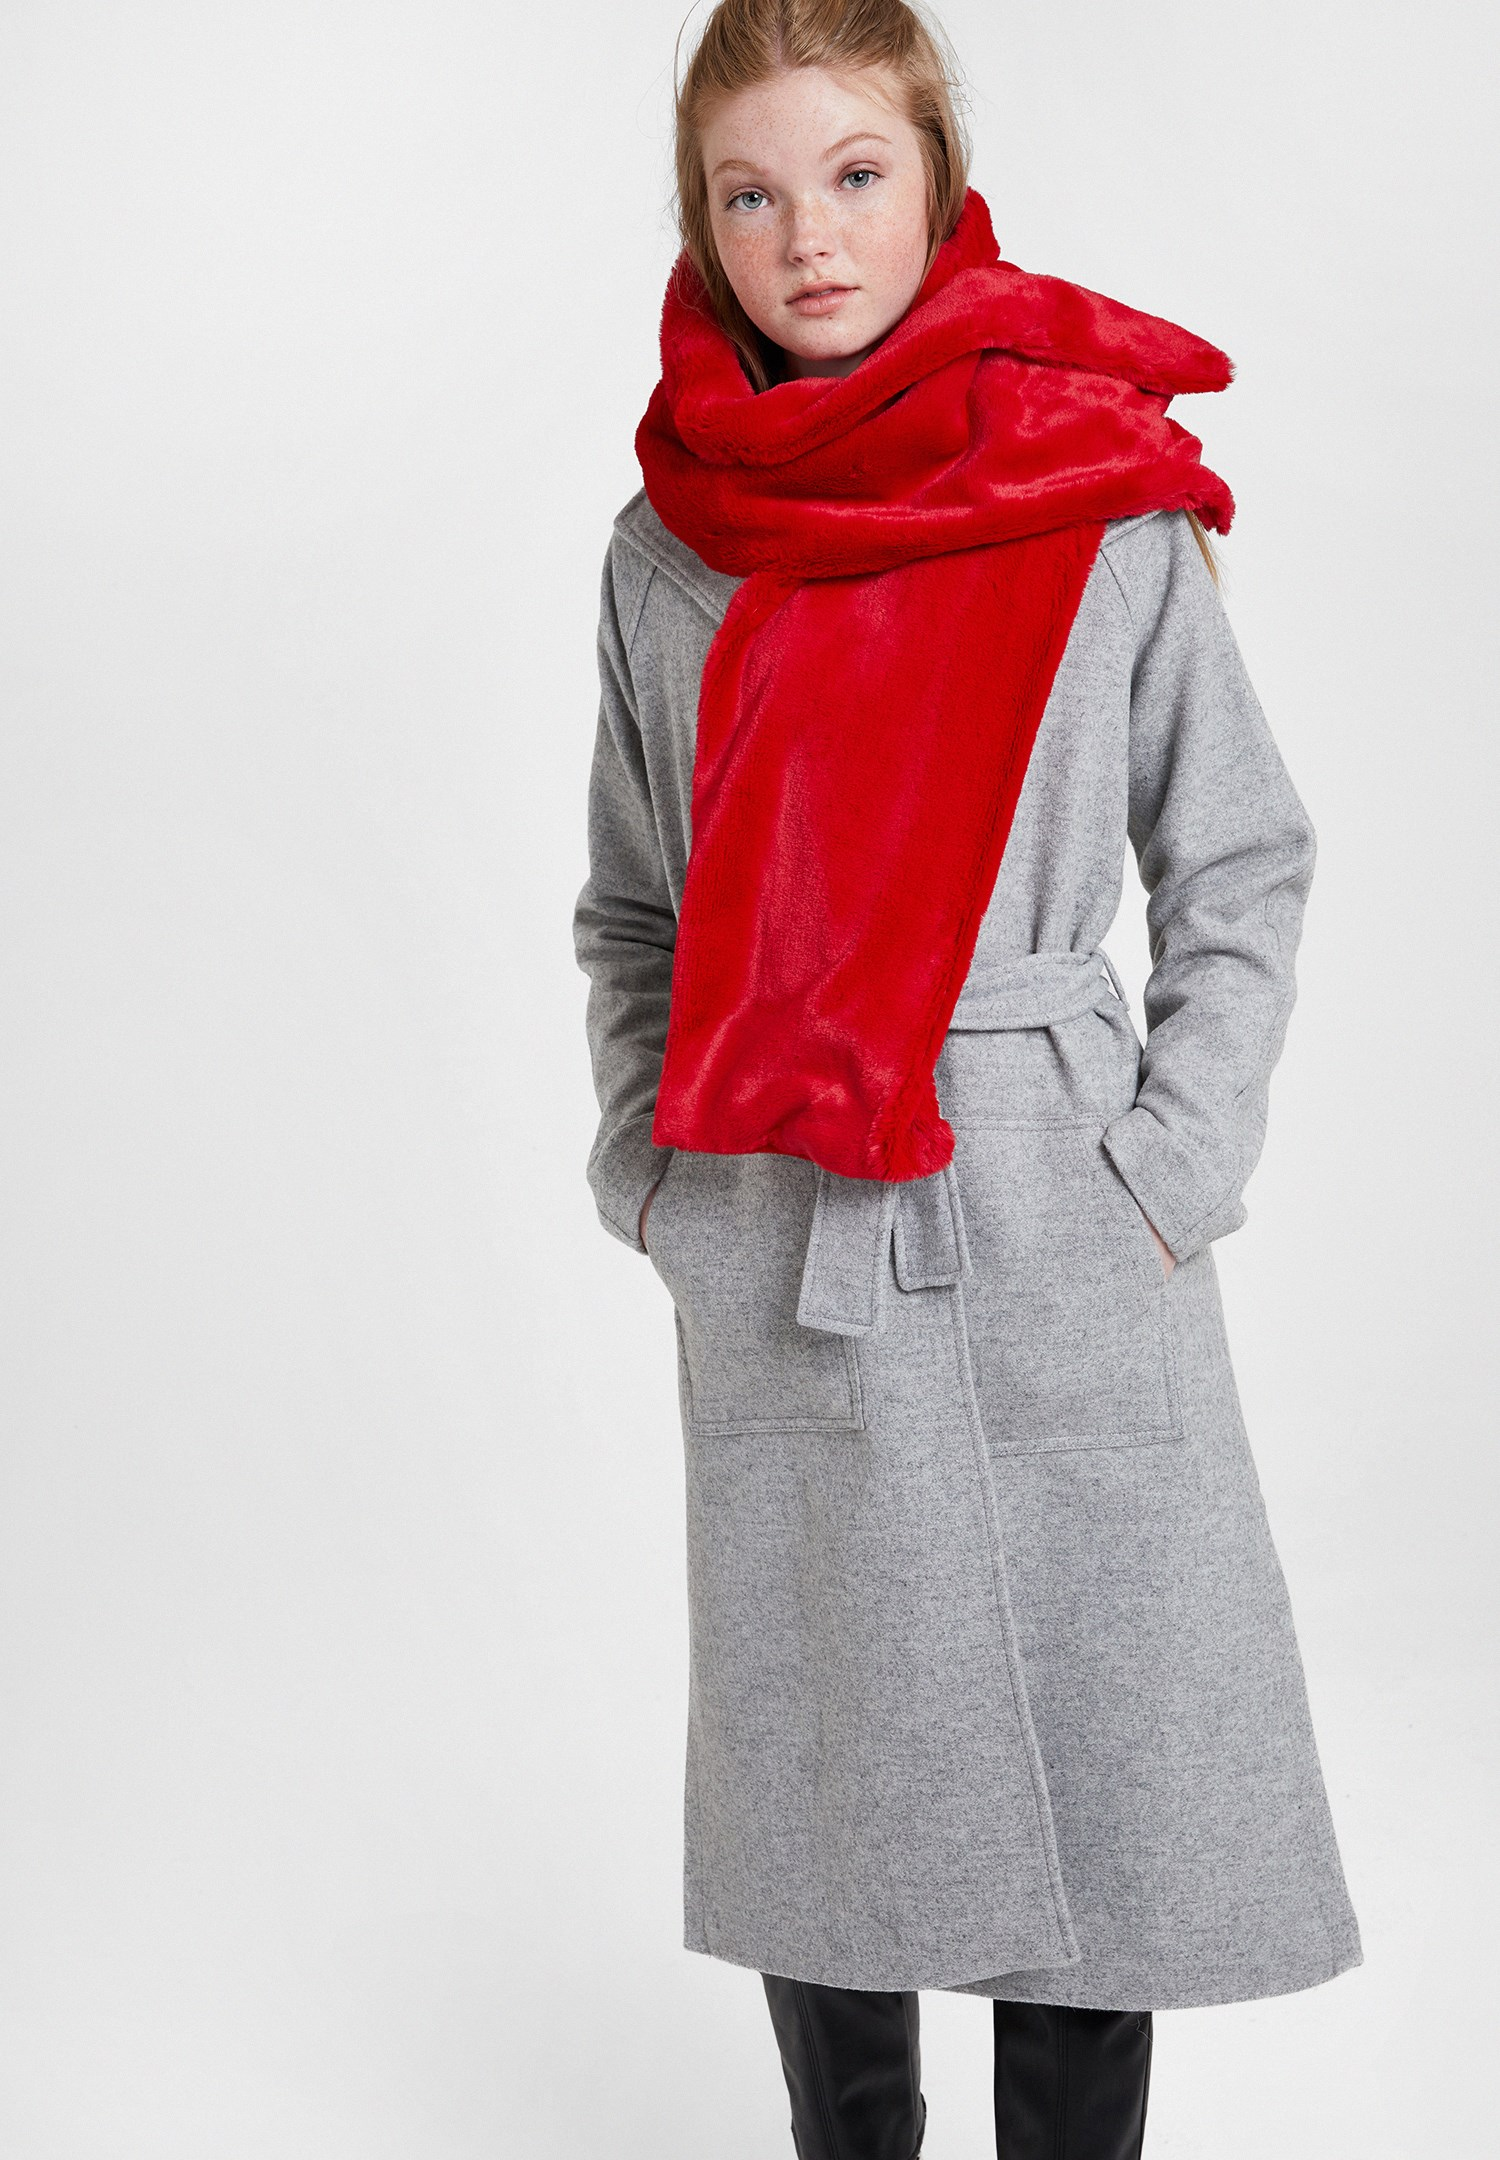 Bayan Kırmızı Yumuşak Dokulu Kürk Şal